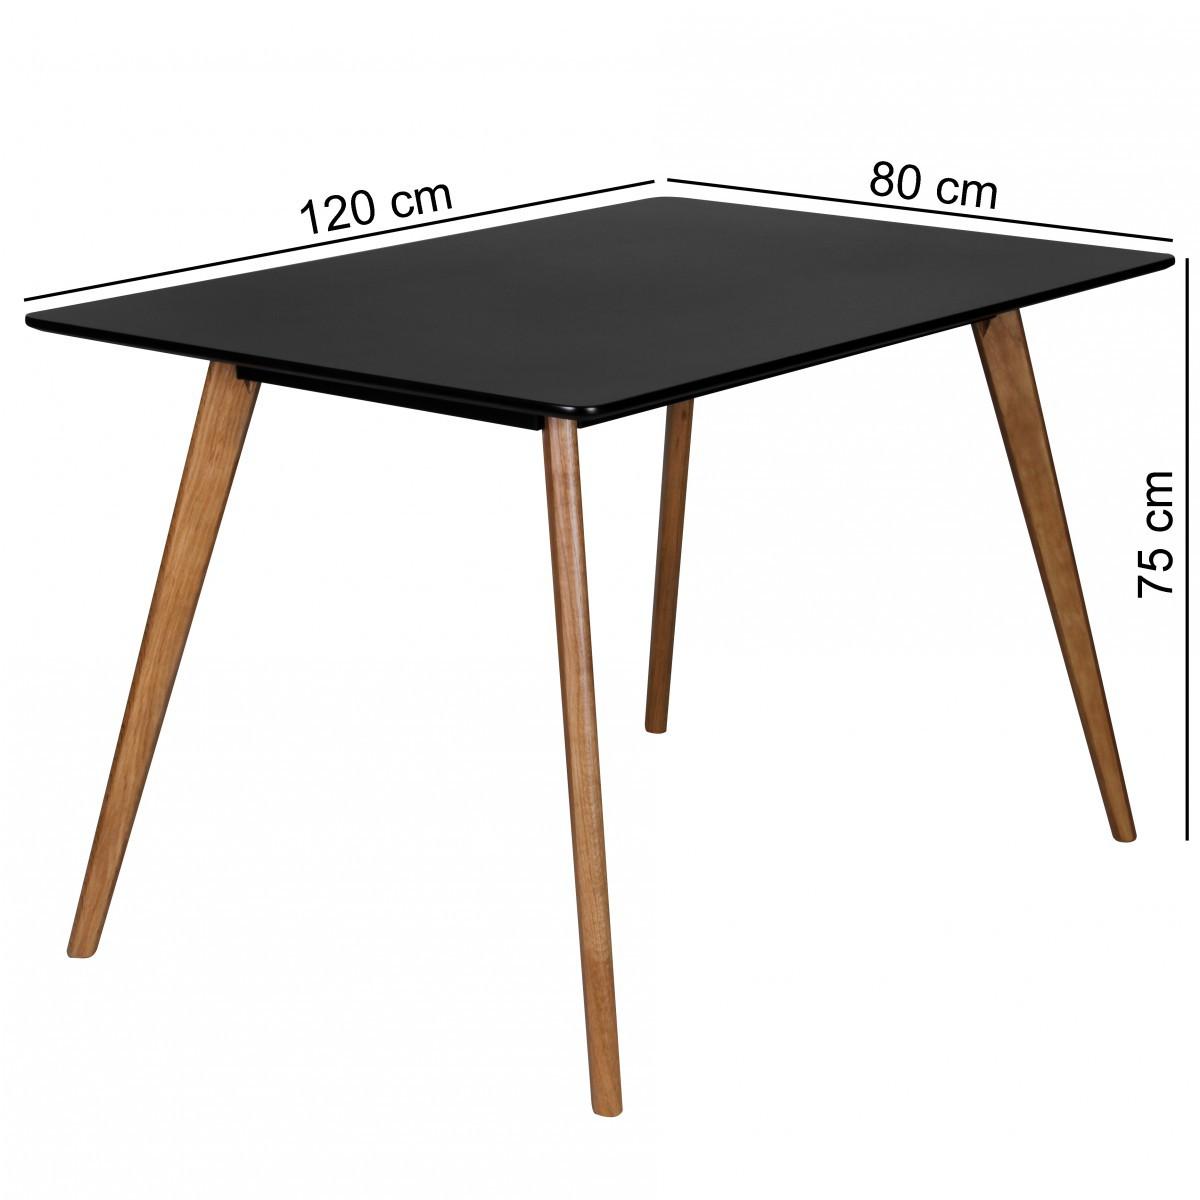 Moderner retro esstisch 120cm schwarz matt eiche for Esstisch retro